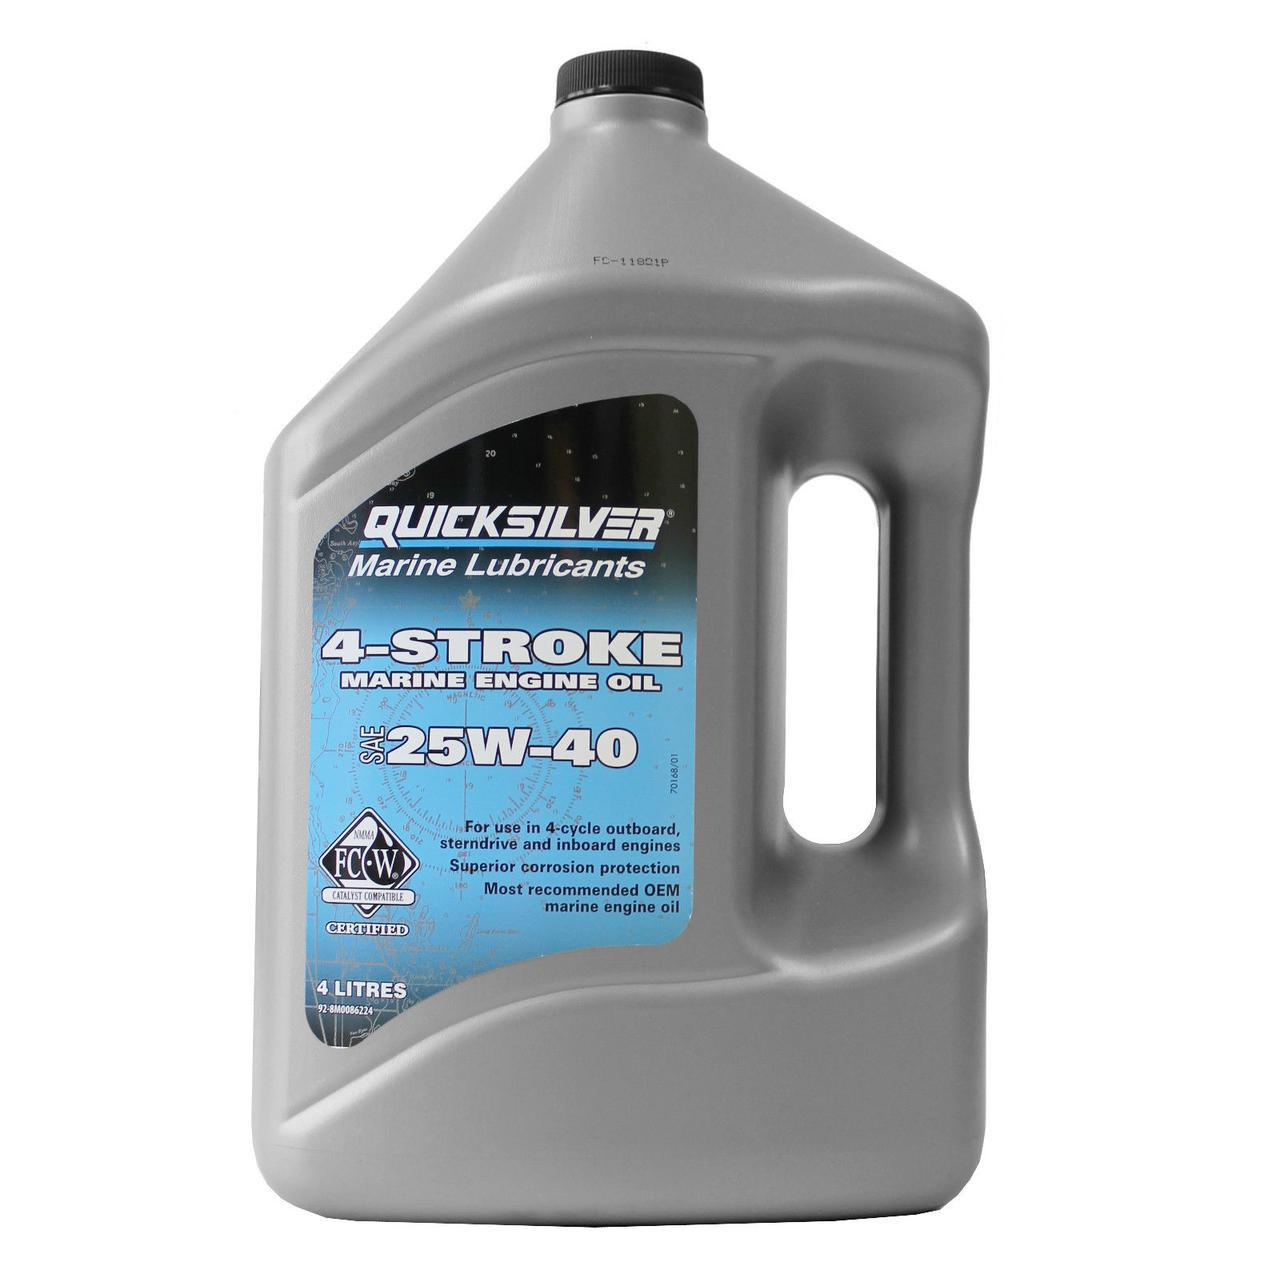 Масло моторное Quicksilver 25W-40 для бензиновых двигателей MerCruiser, минеральное, (4л)